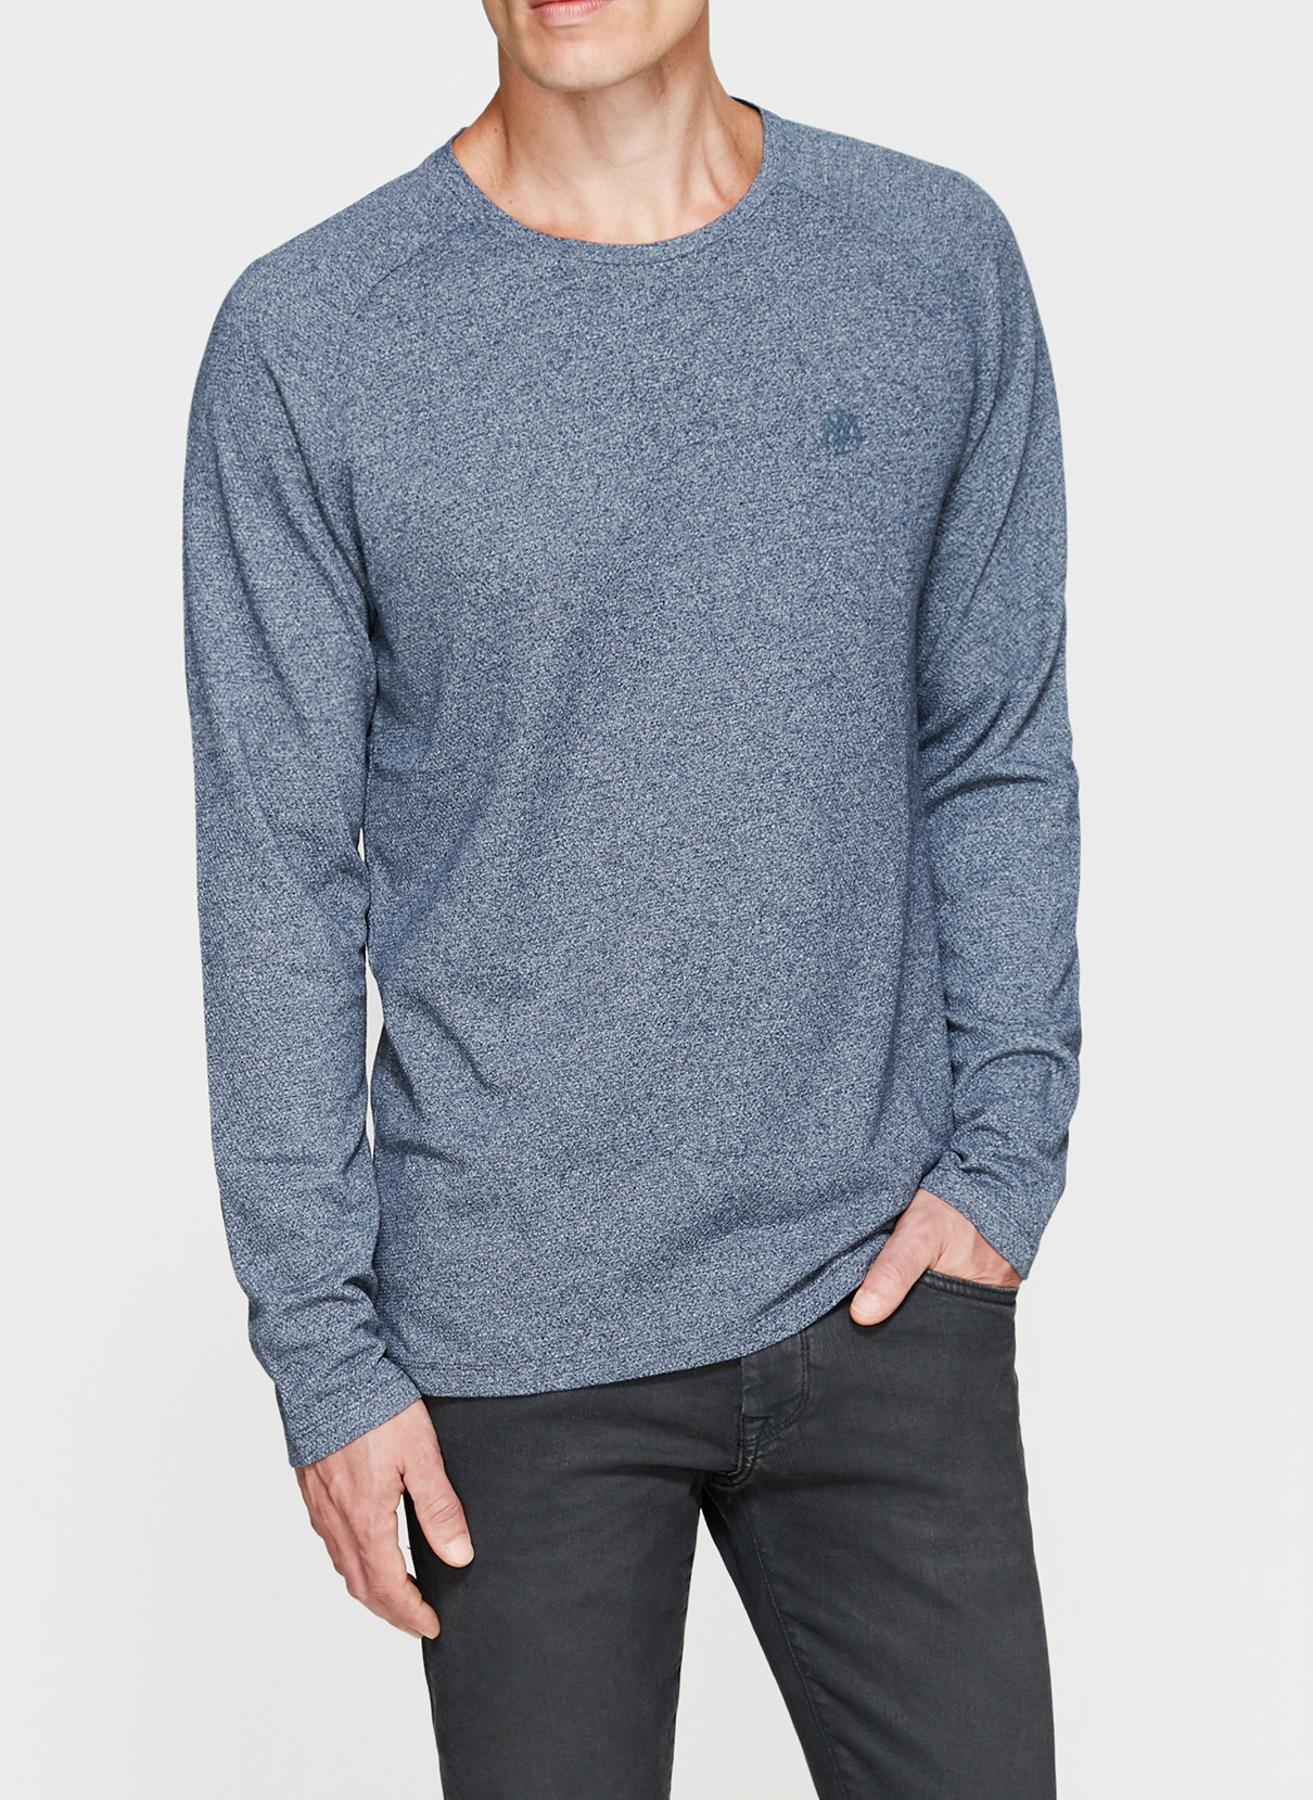 Mavi T-Shirt S 5001634587003 Ürün Resmi